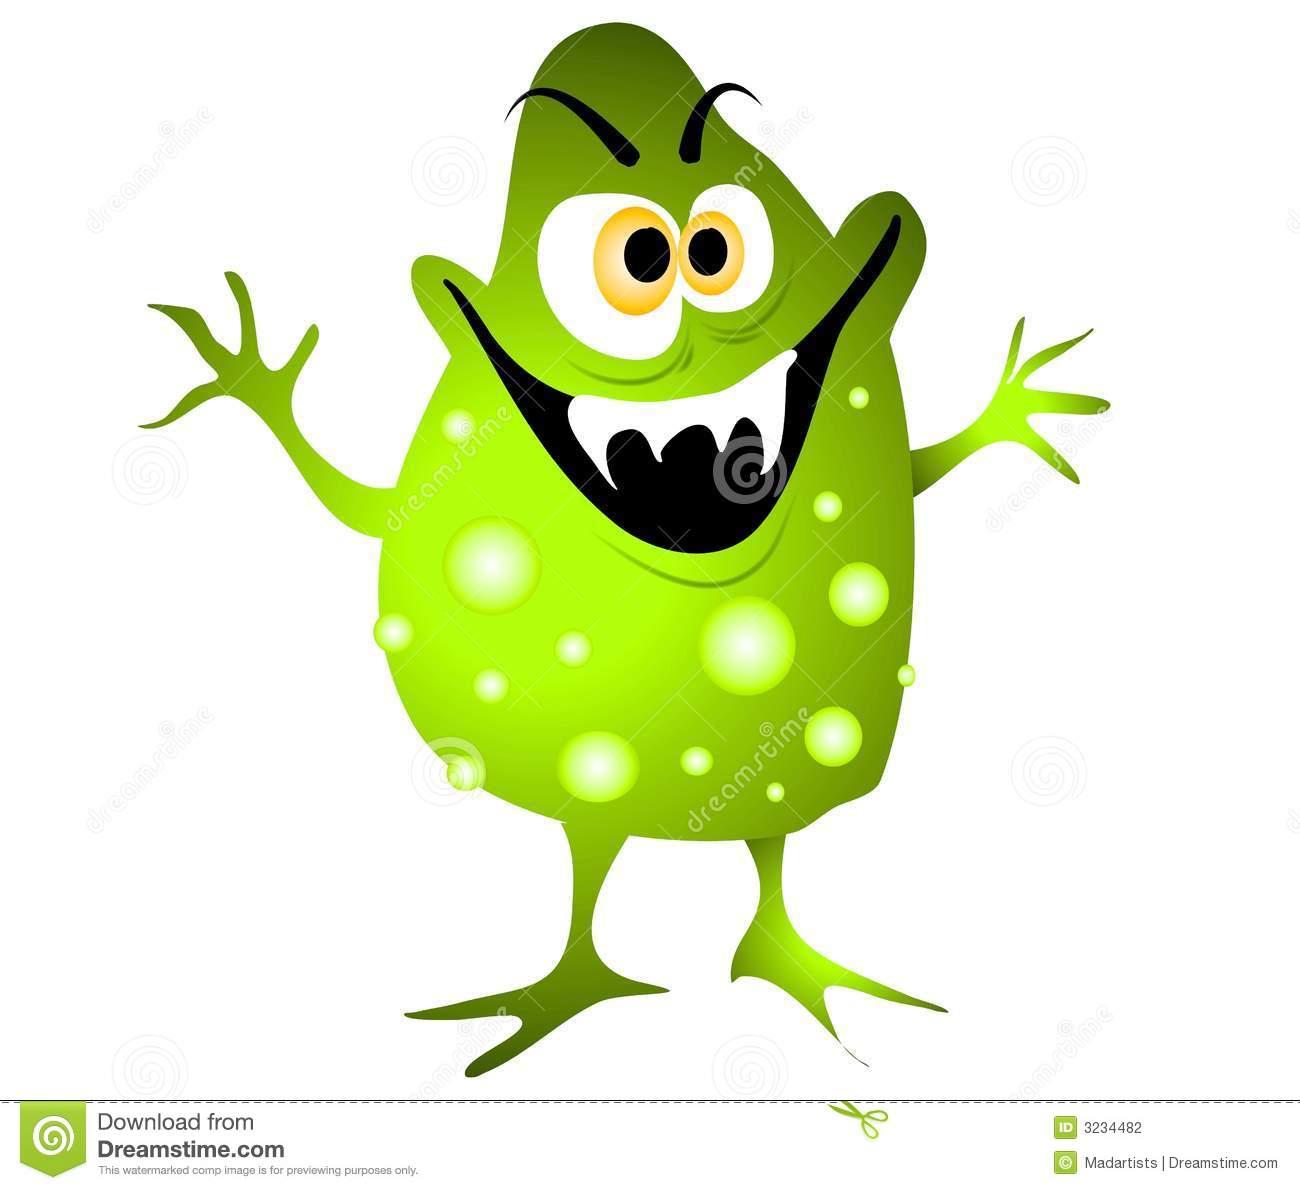 Clip Art Cartoon Illustration Of A Nasty-Clip Art Cartoon Illustration Of A Nasty Looking Germ Virus Or-15